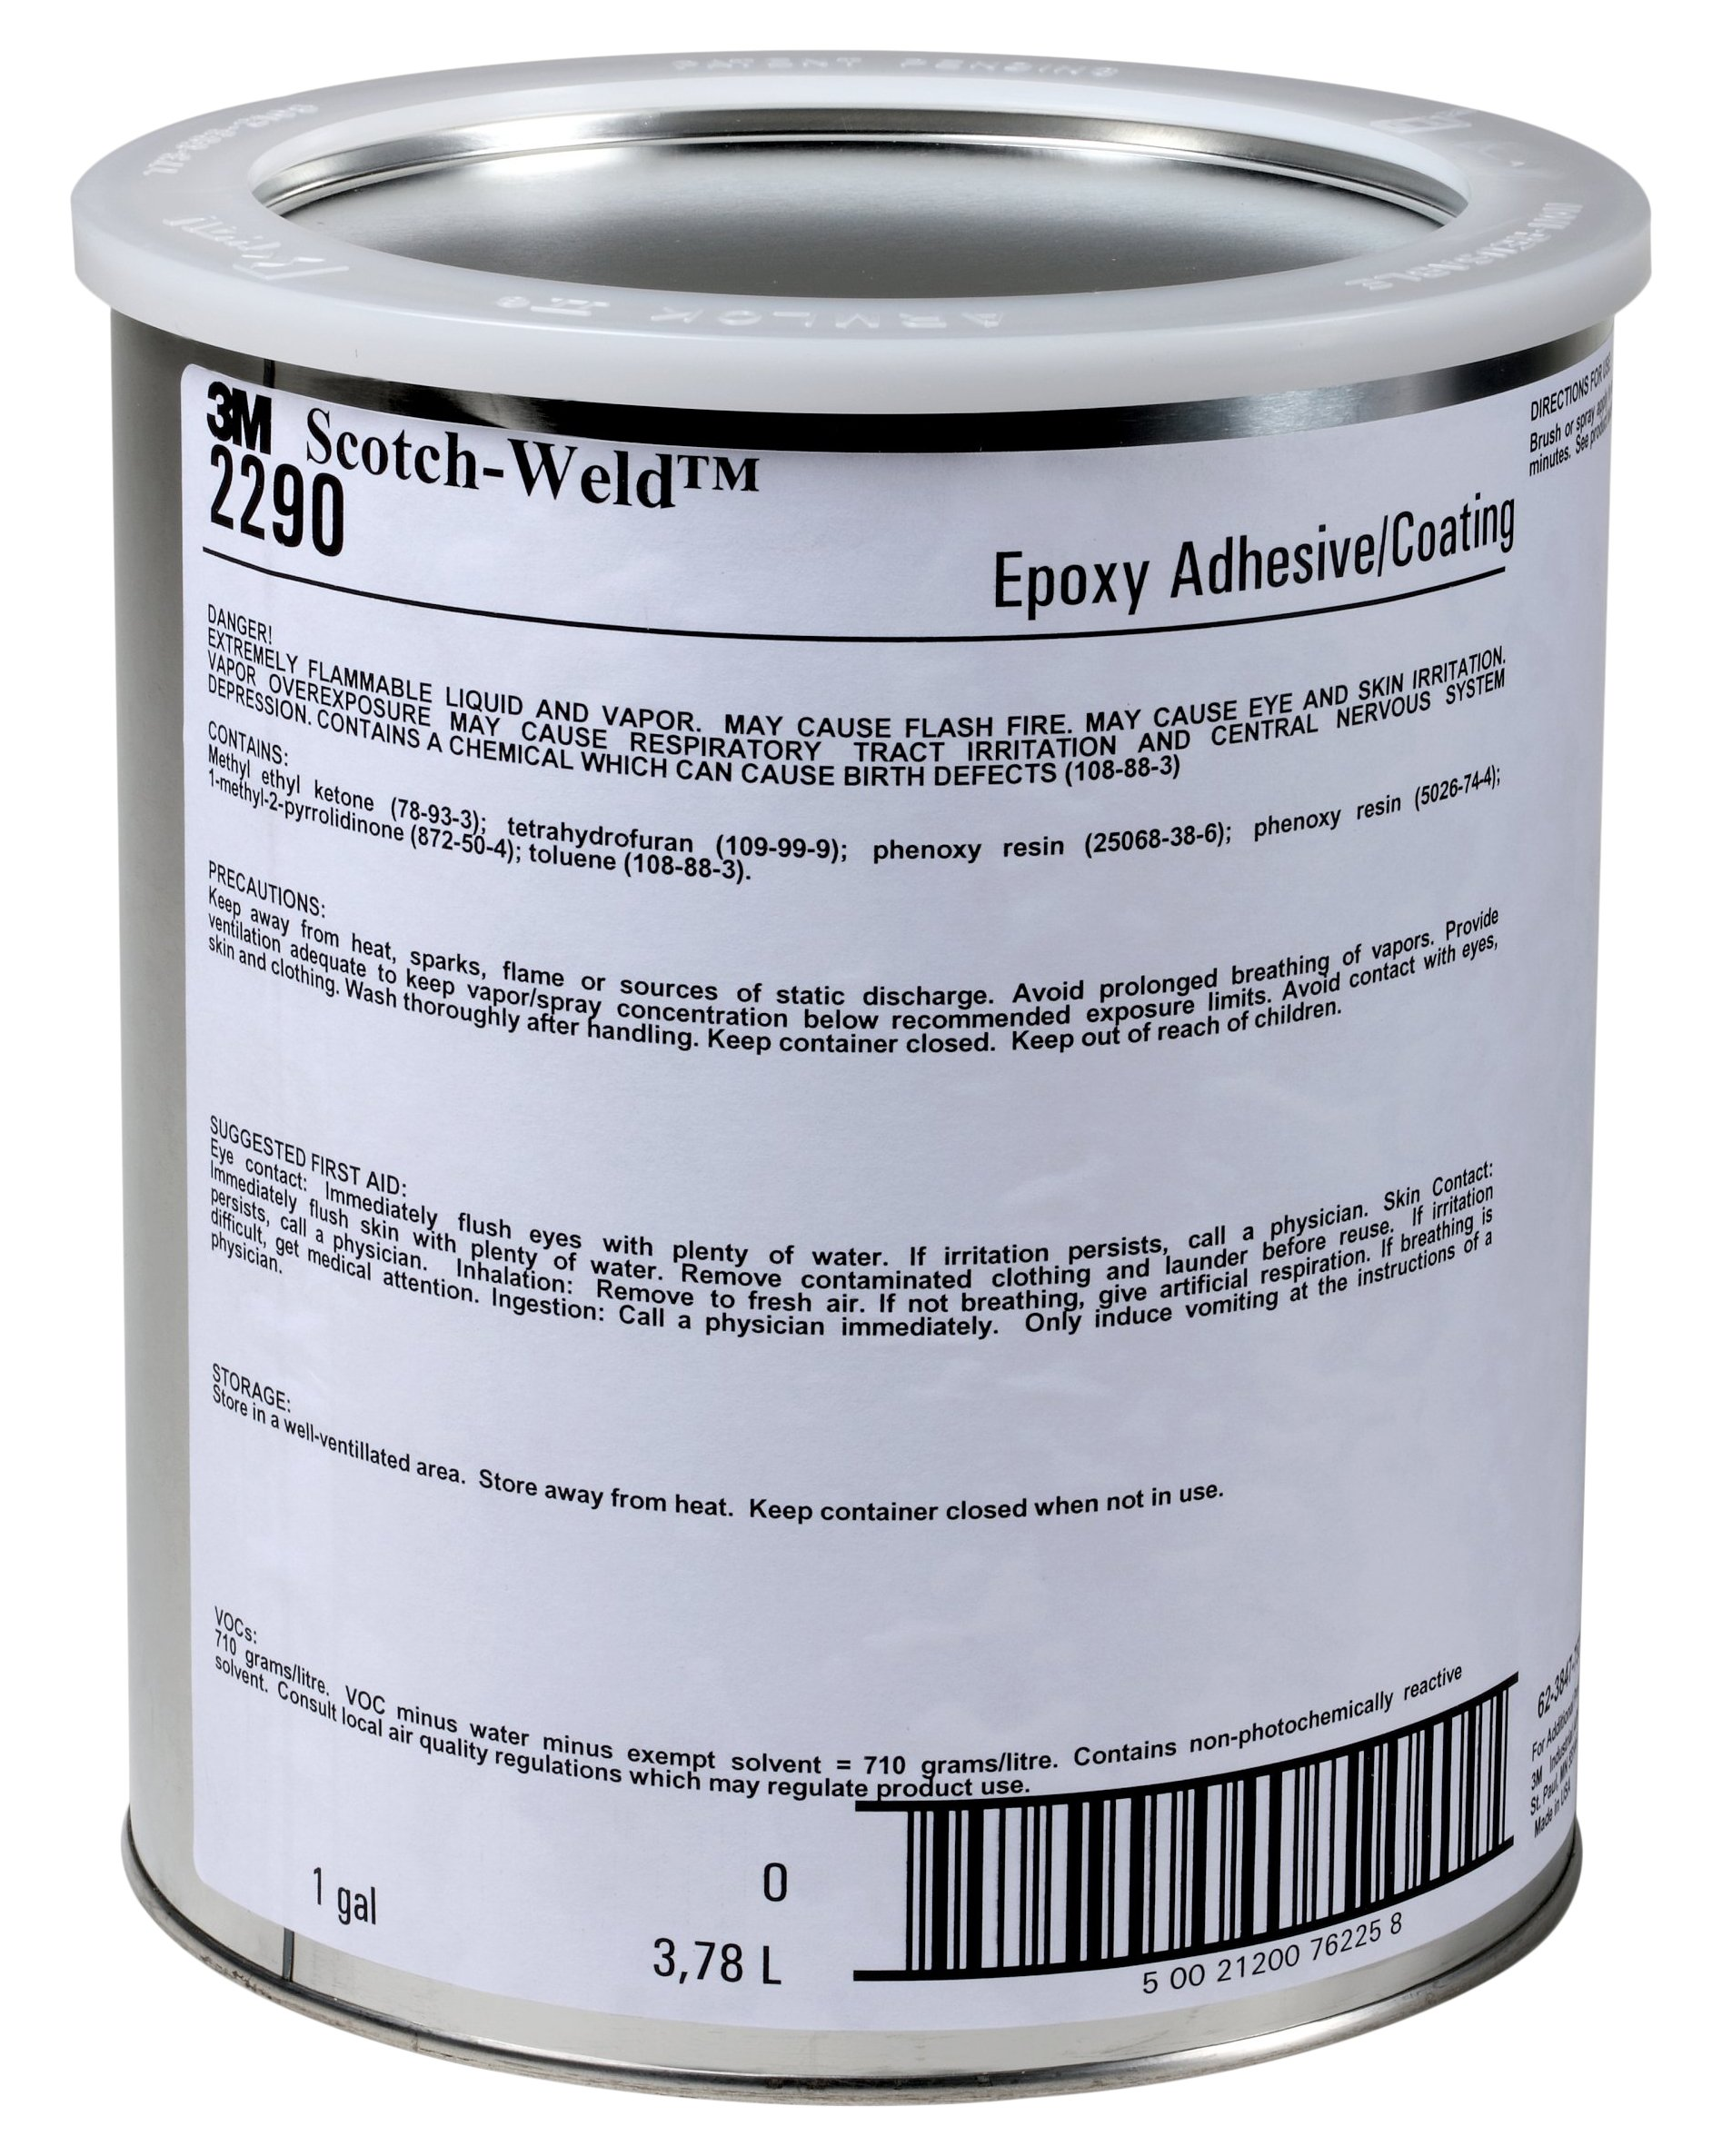 3M Scotch-Weld 76225 Epoxy Adhesive 2290, Amber, 1 gal